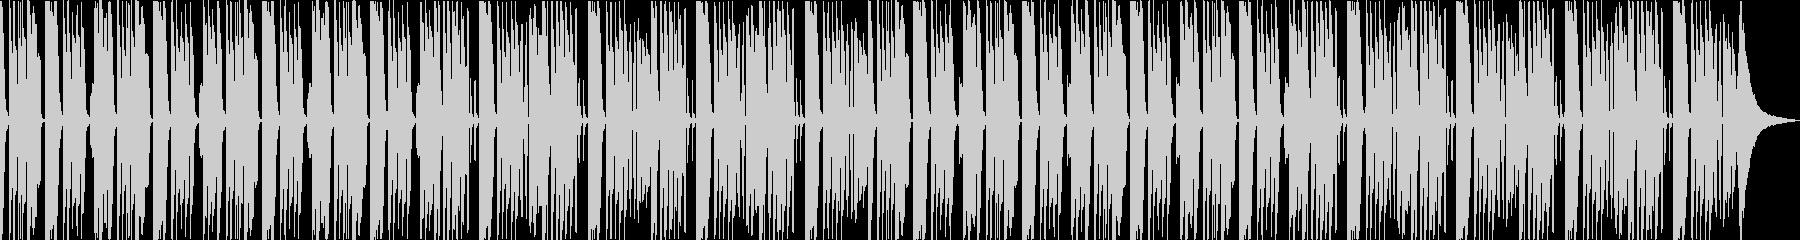 まったりとした日常、ほのぼのリコーダーの未再生の波形